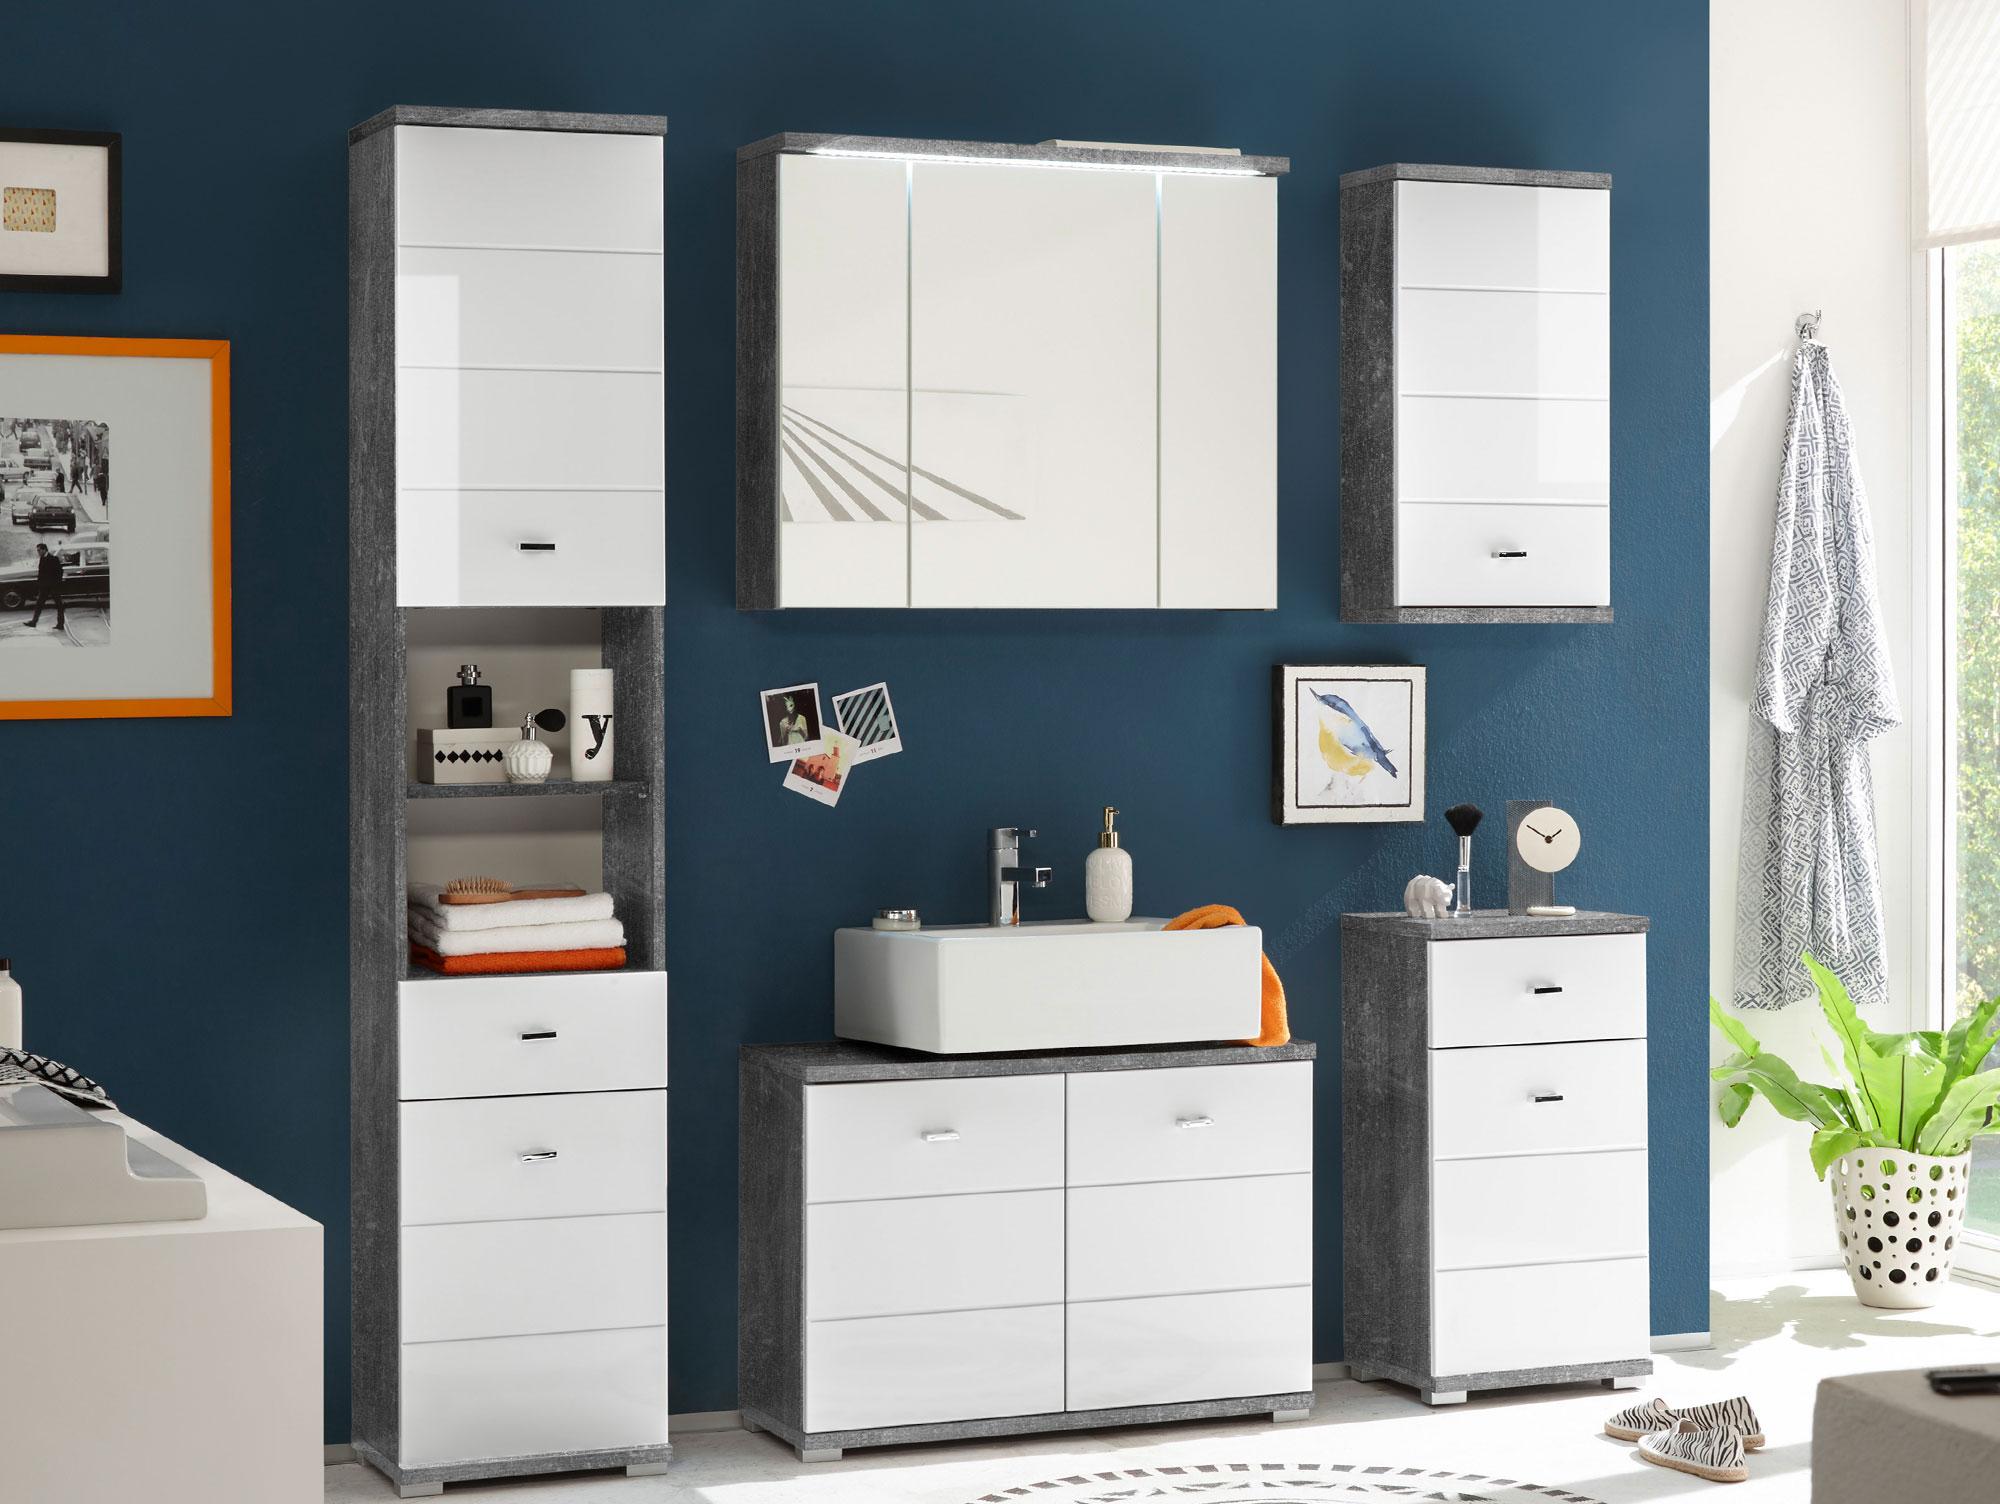 Vorschaubild von PABLO Badezimmerset 5tlg Beton / weiß